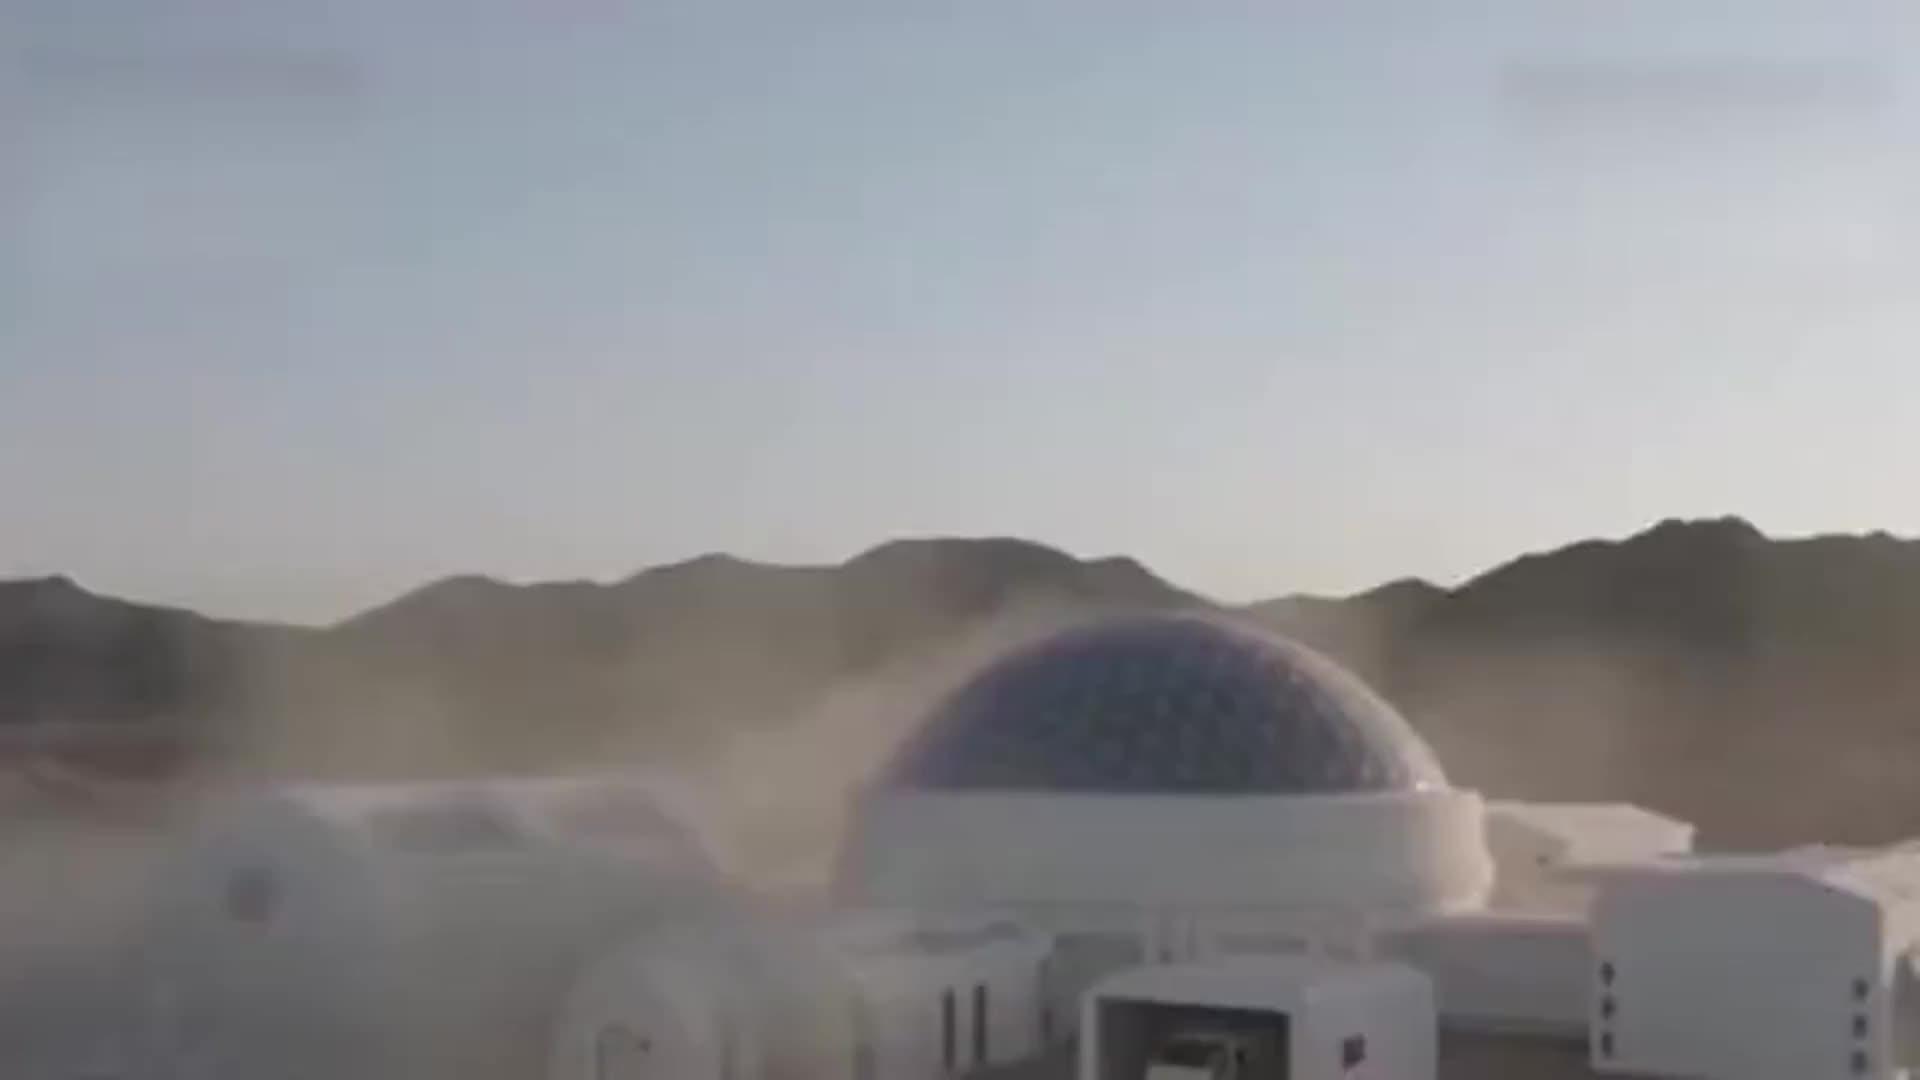 [视频]在地球上过外星生活:中国火星模拟生存基地公开亮相!